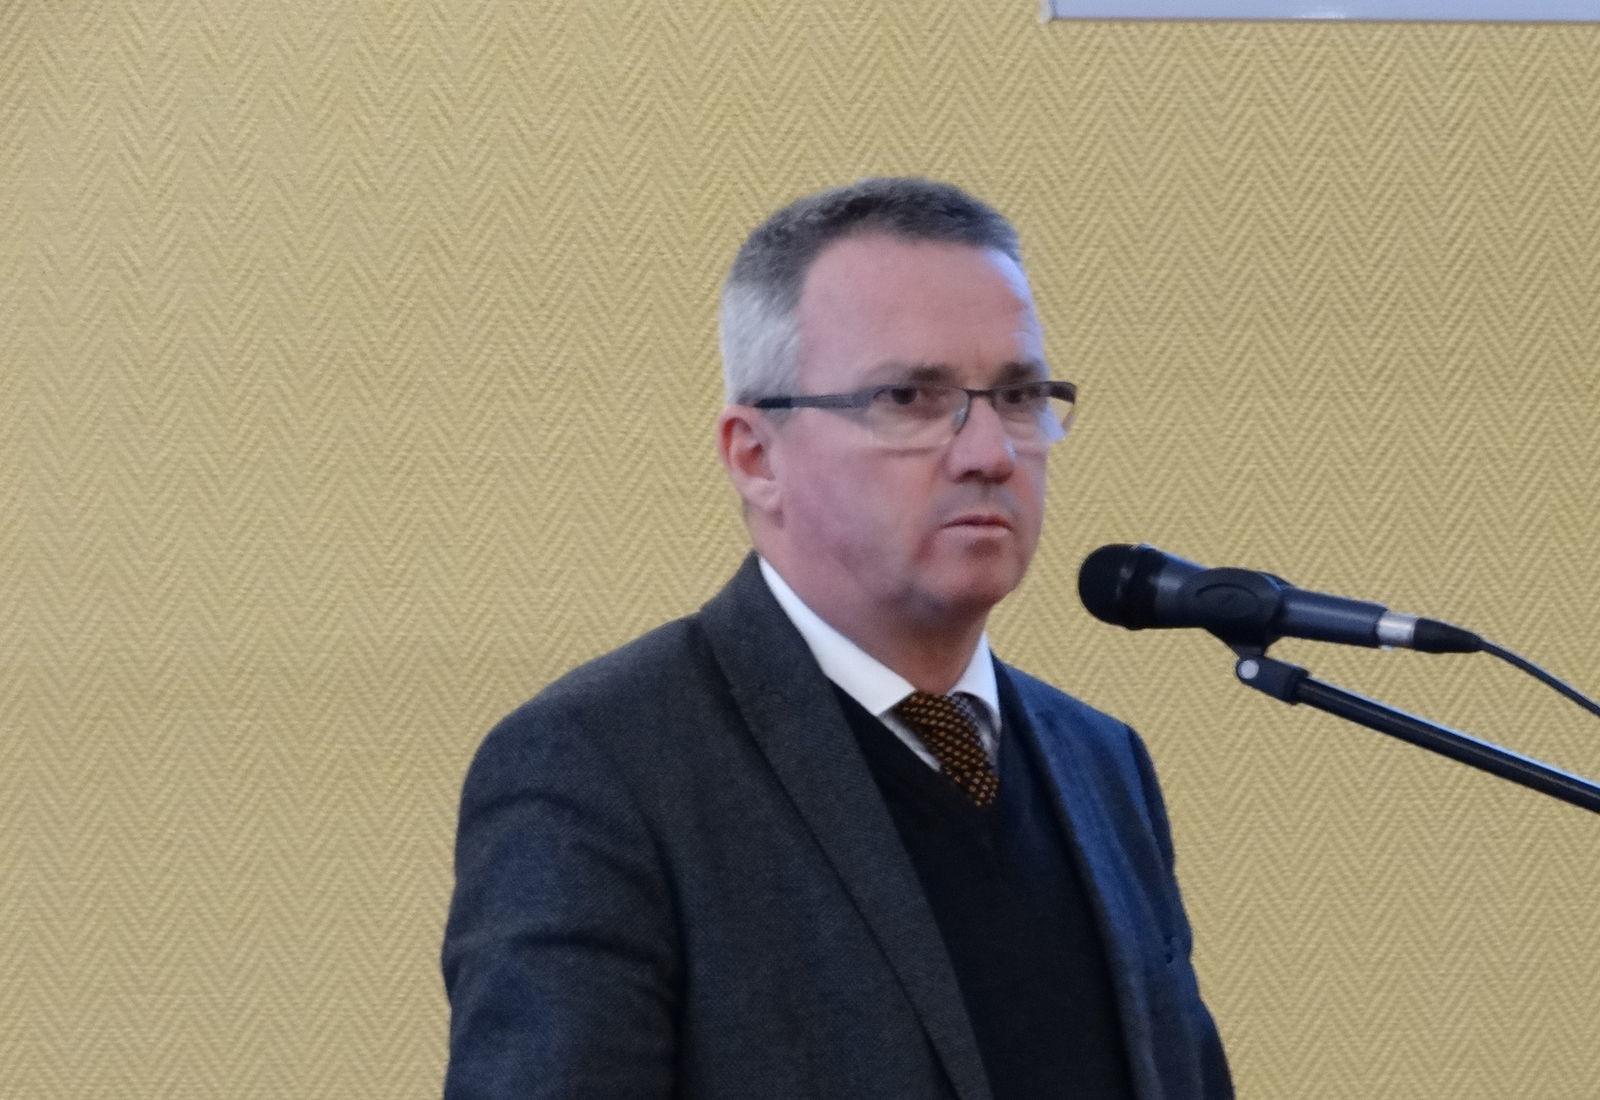 Orlóci László: az élelmiszer-termelés mellett a dísznövény-termékeket előállító díszkertész szakma is számottevő nemzetgazdasági jelentőséggel bír